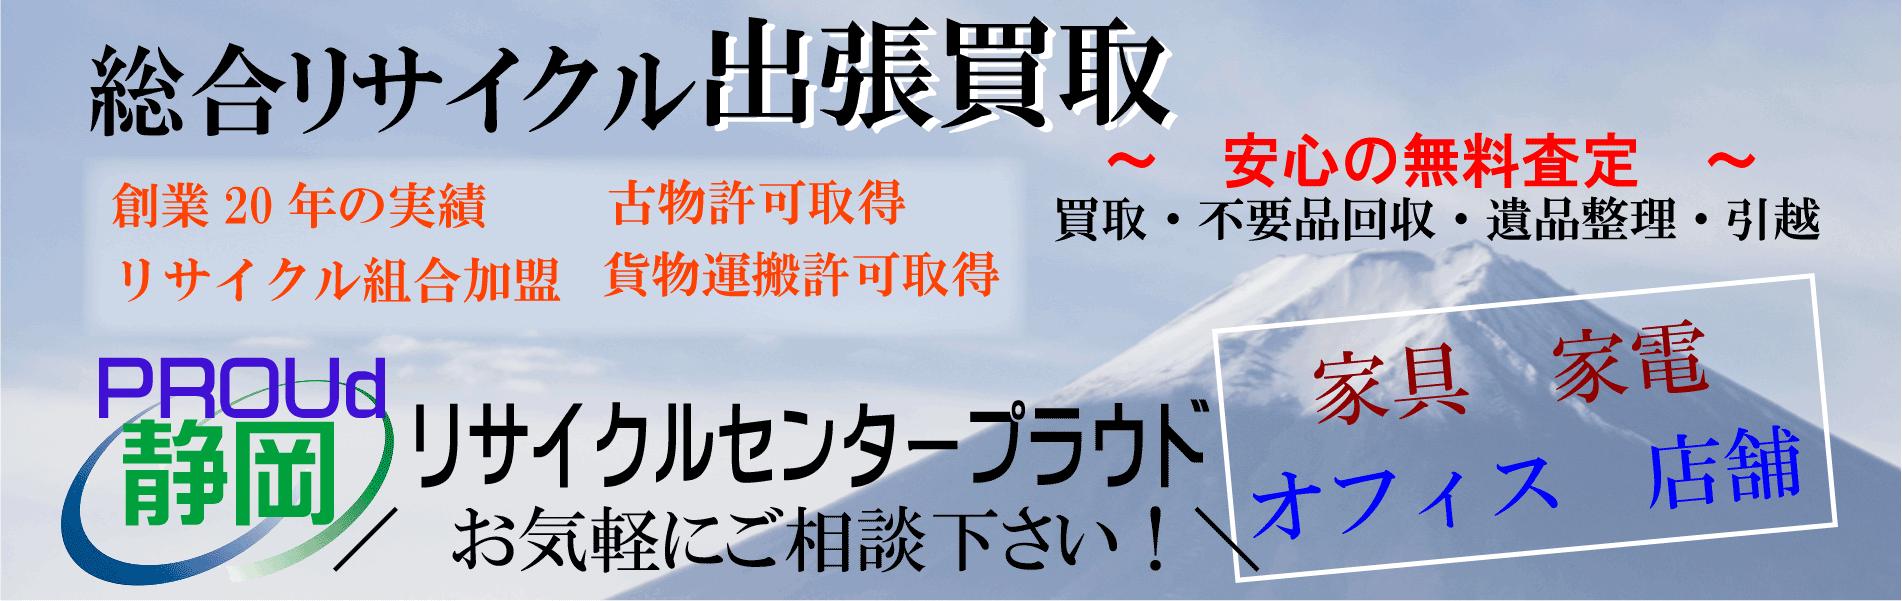 リサイクルセンタープラウド 静岡